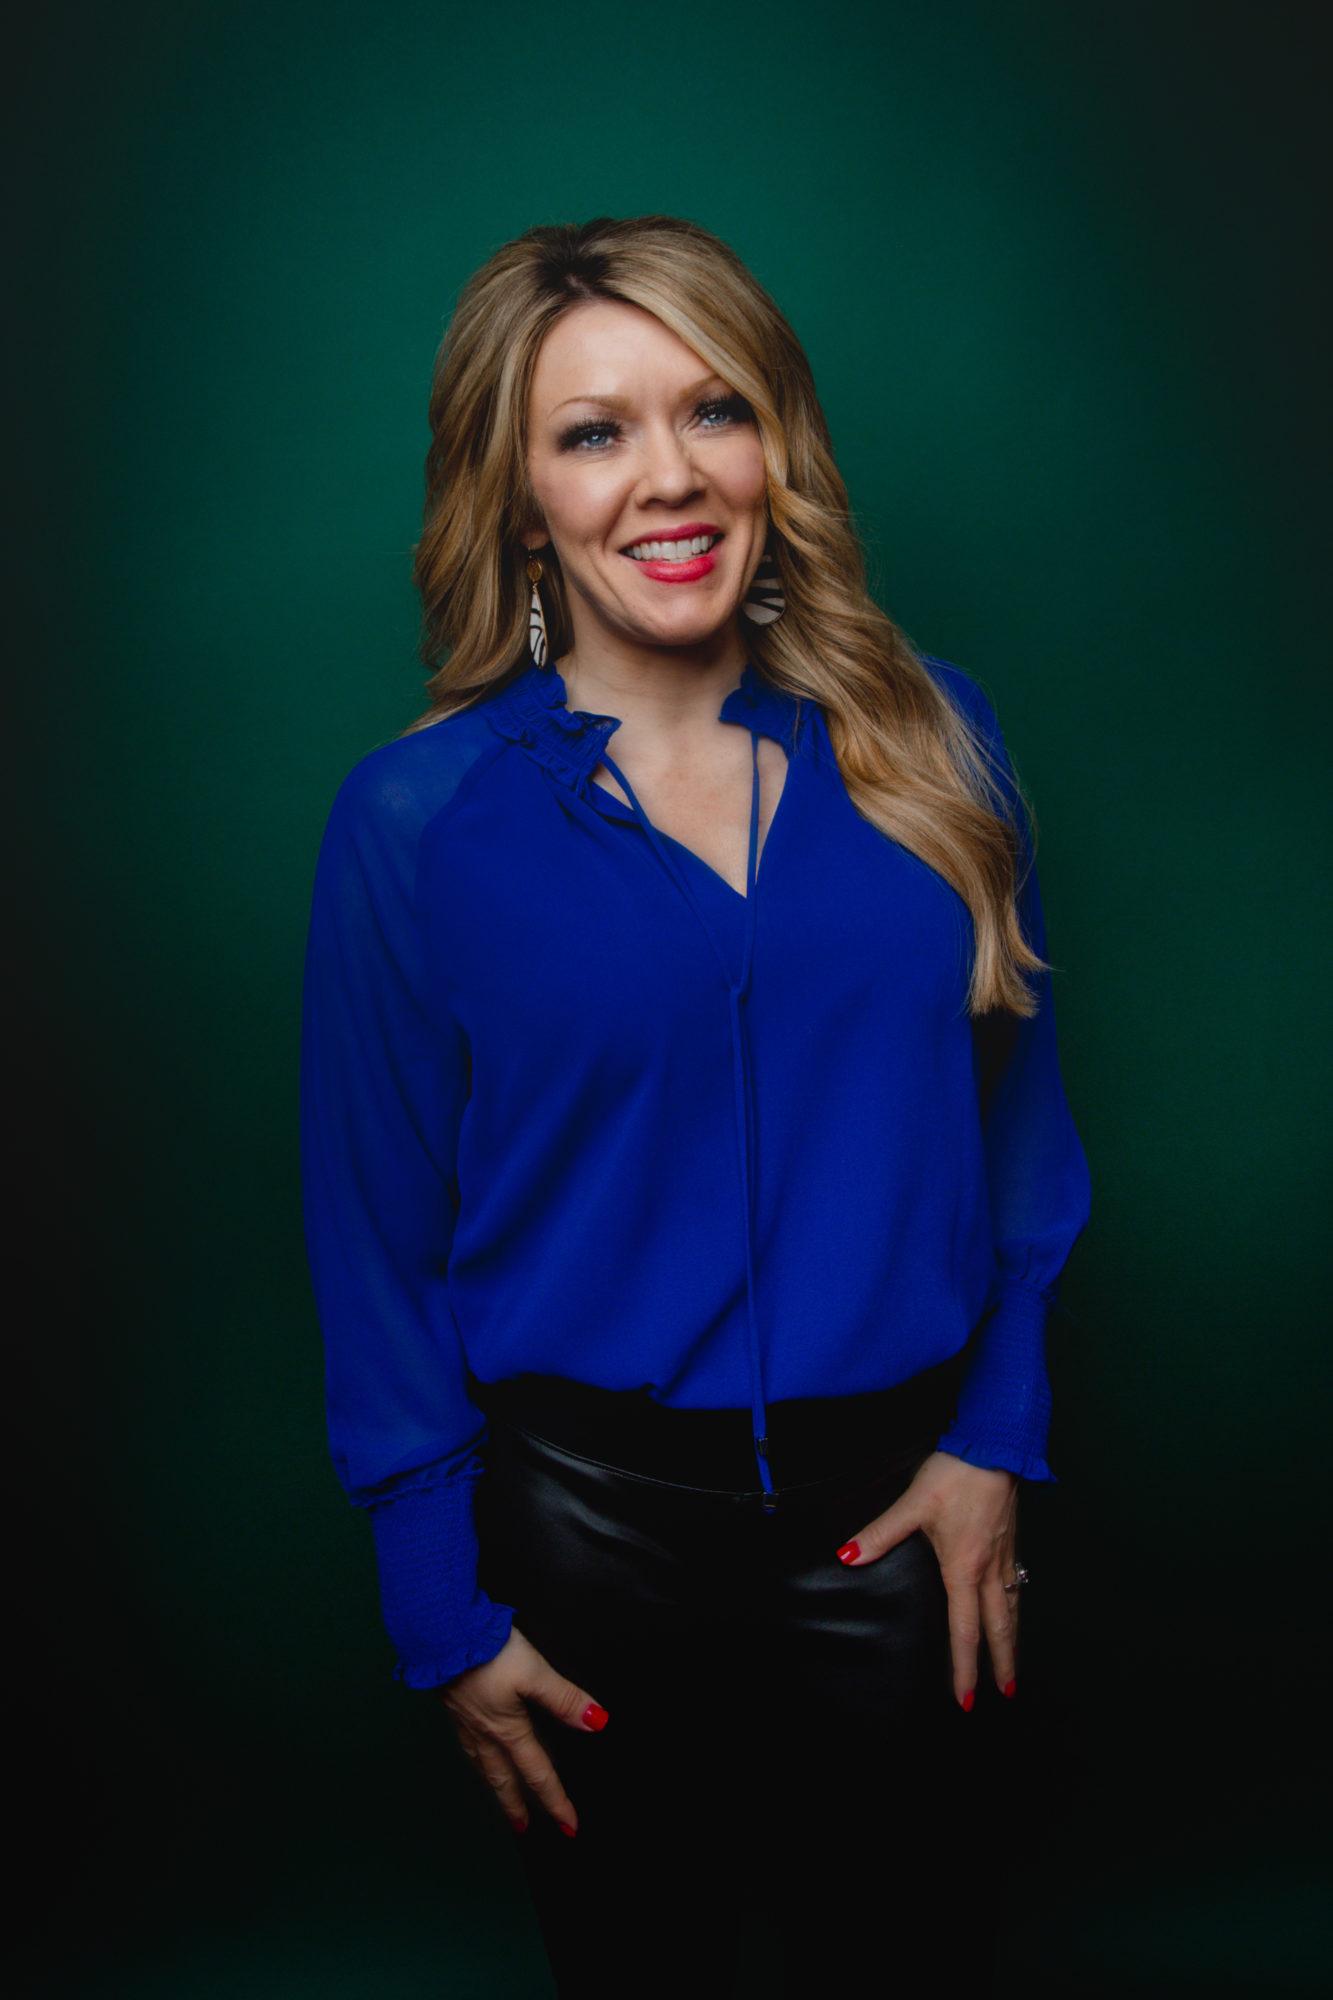 Sarah Bjoorgaard | 2021 30 Women to Watch | Utah Business